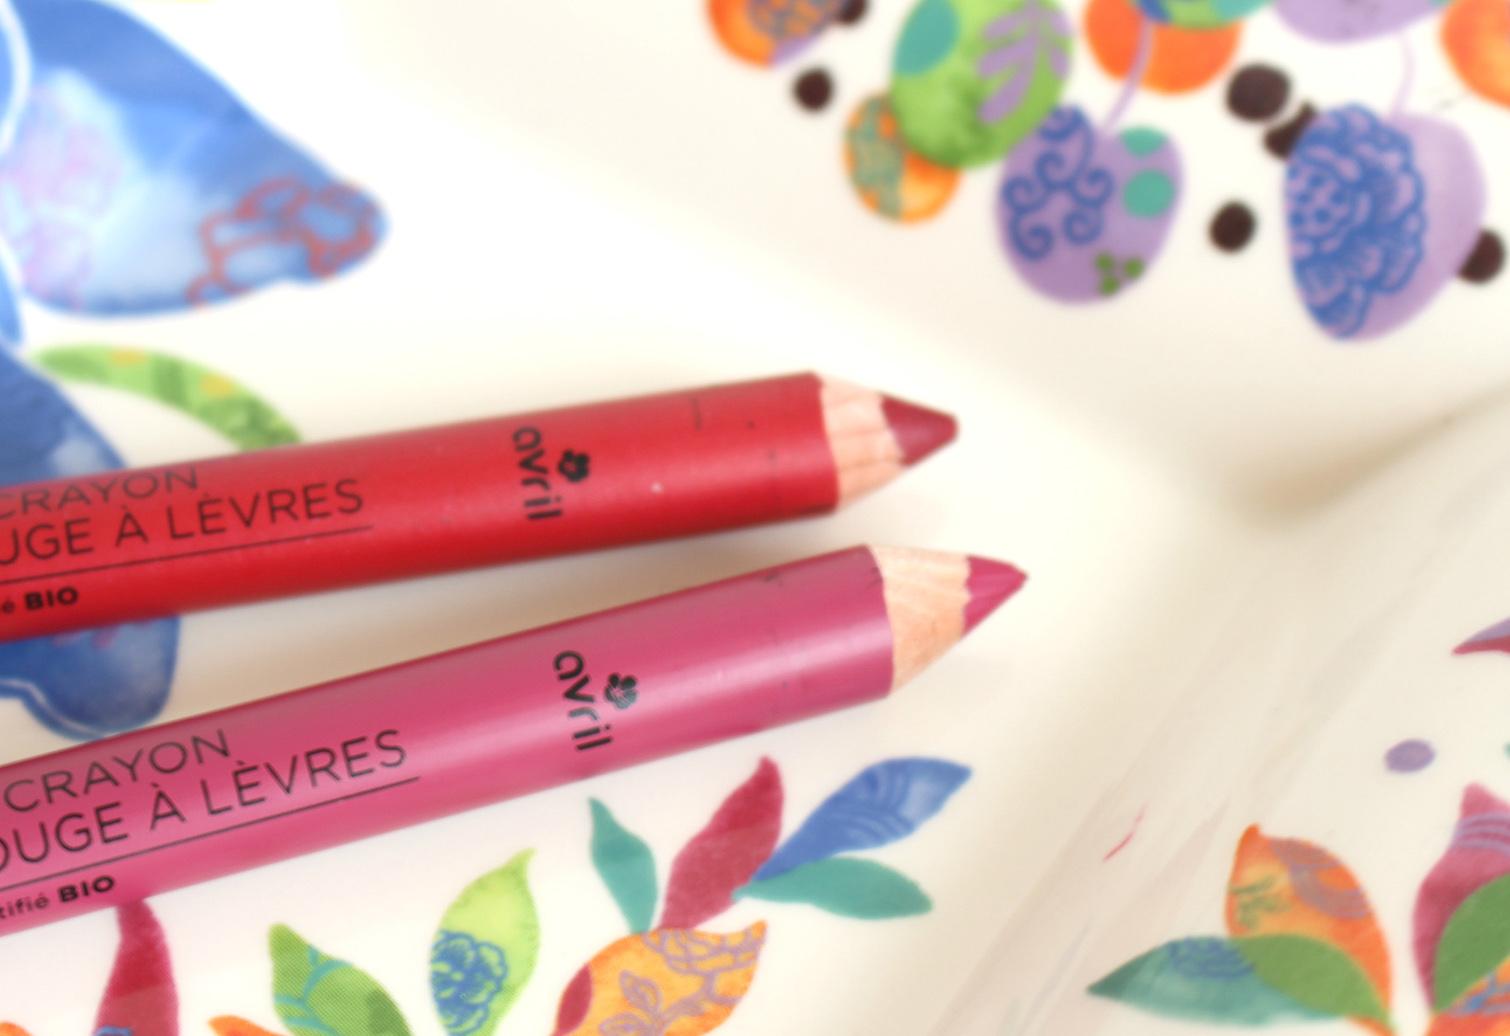 Une bouche à croquer avec les crayons AVRIL